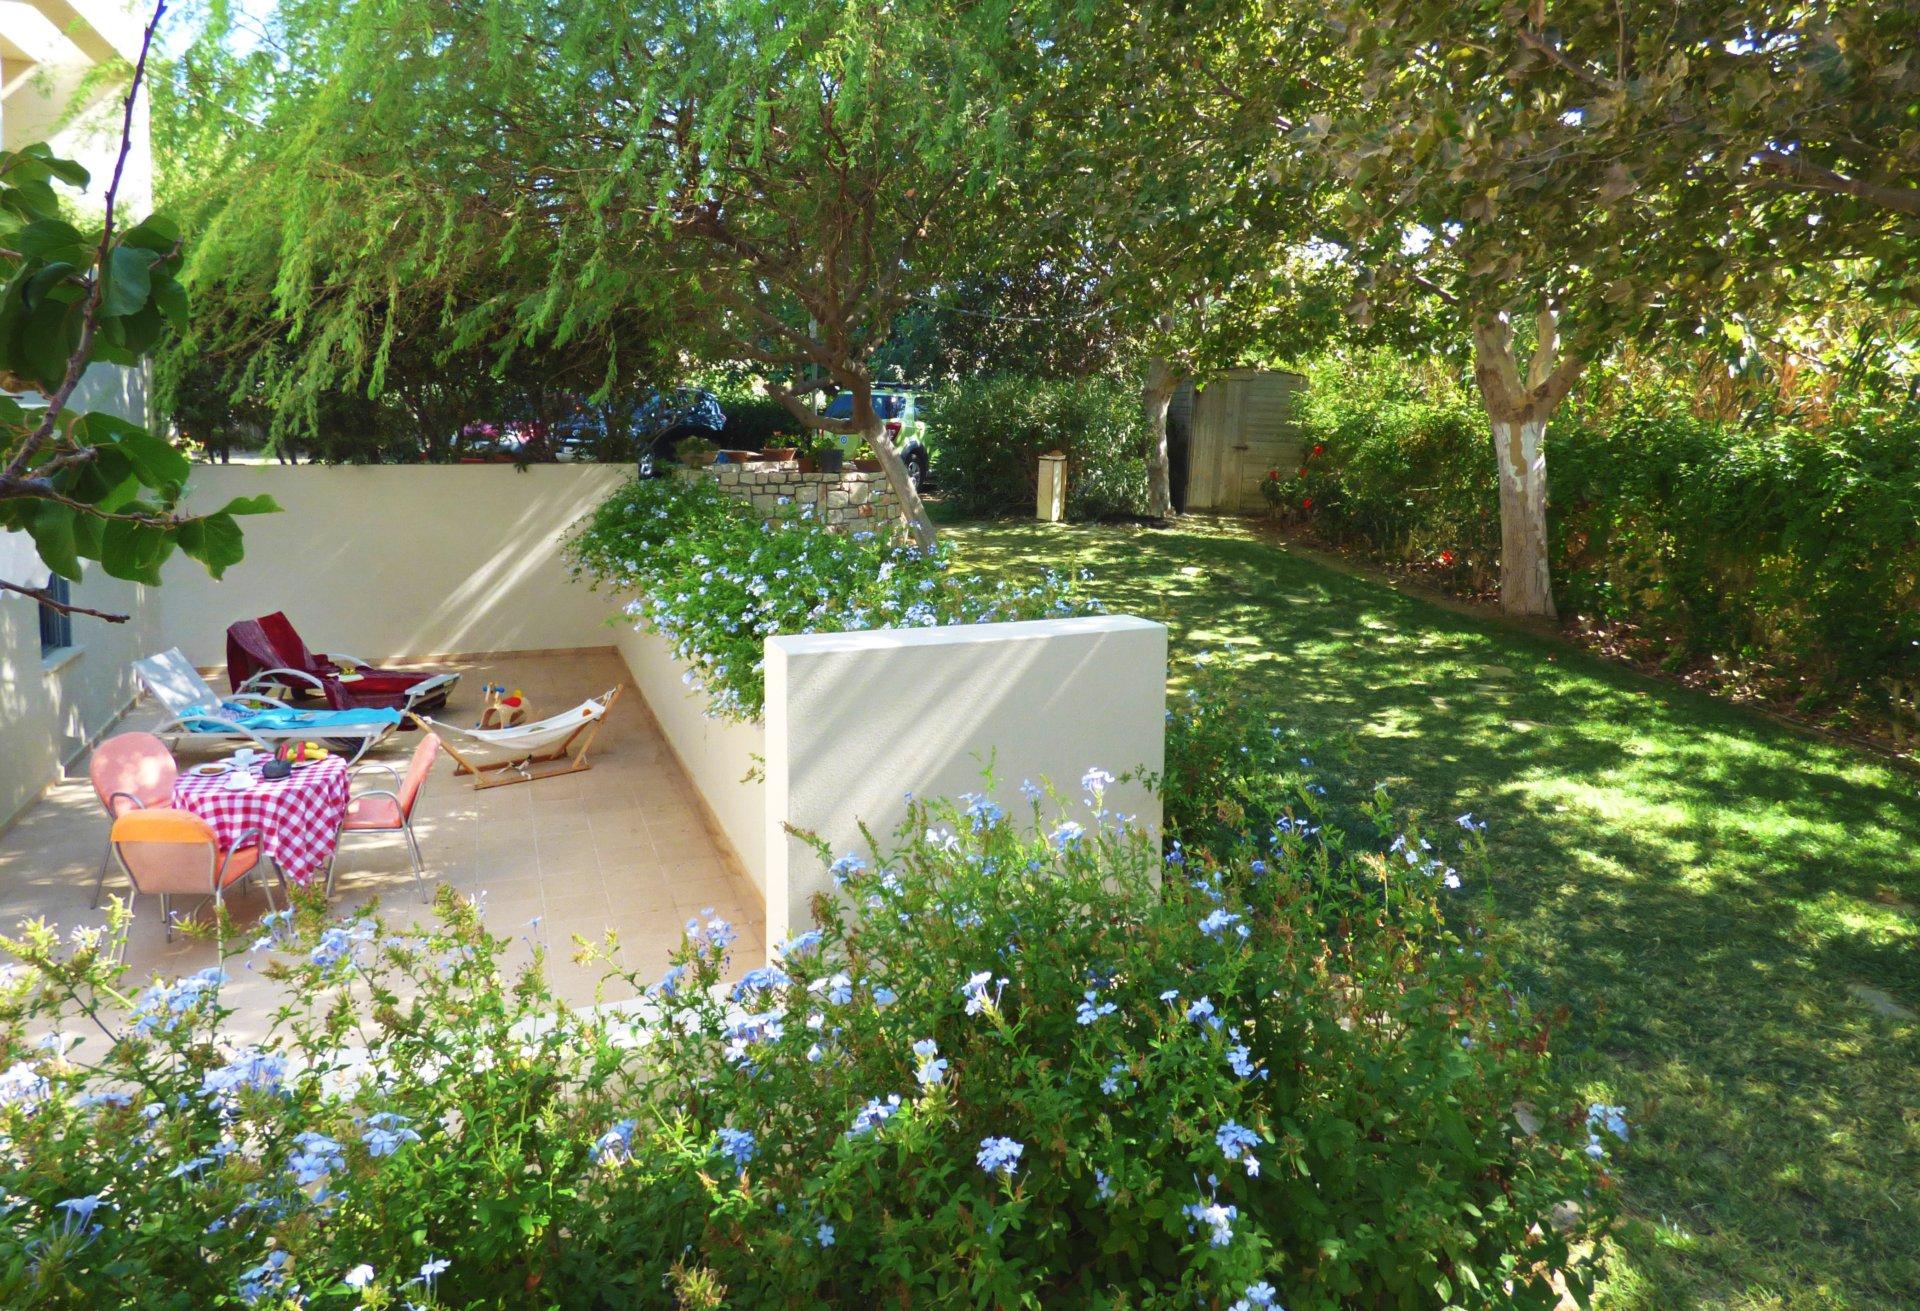 Οικογενειακά διαμερίσματα στο Nereids Apartements στην Σητεία Κρήτης